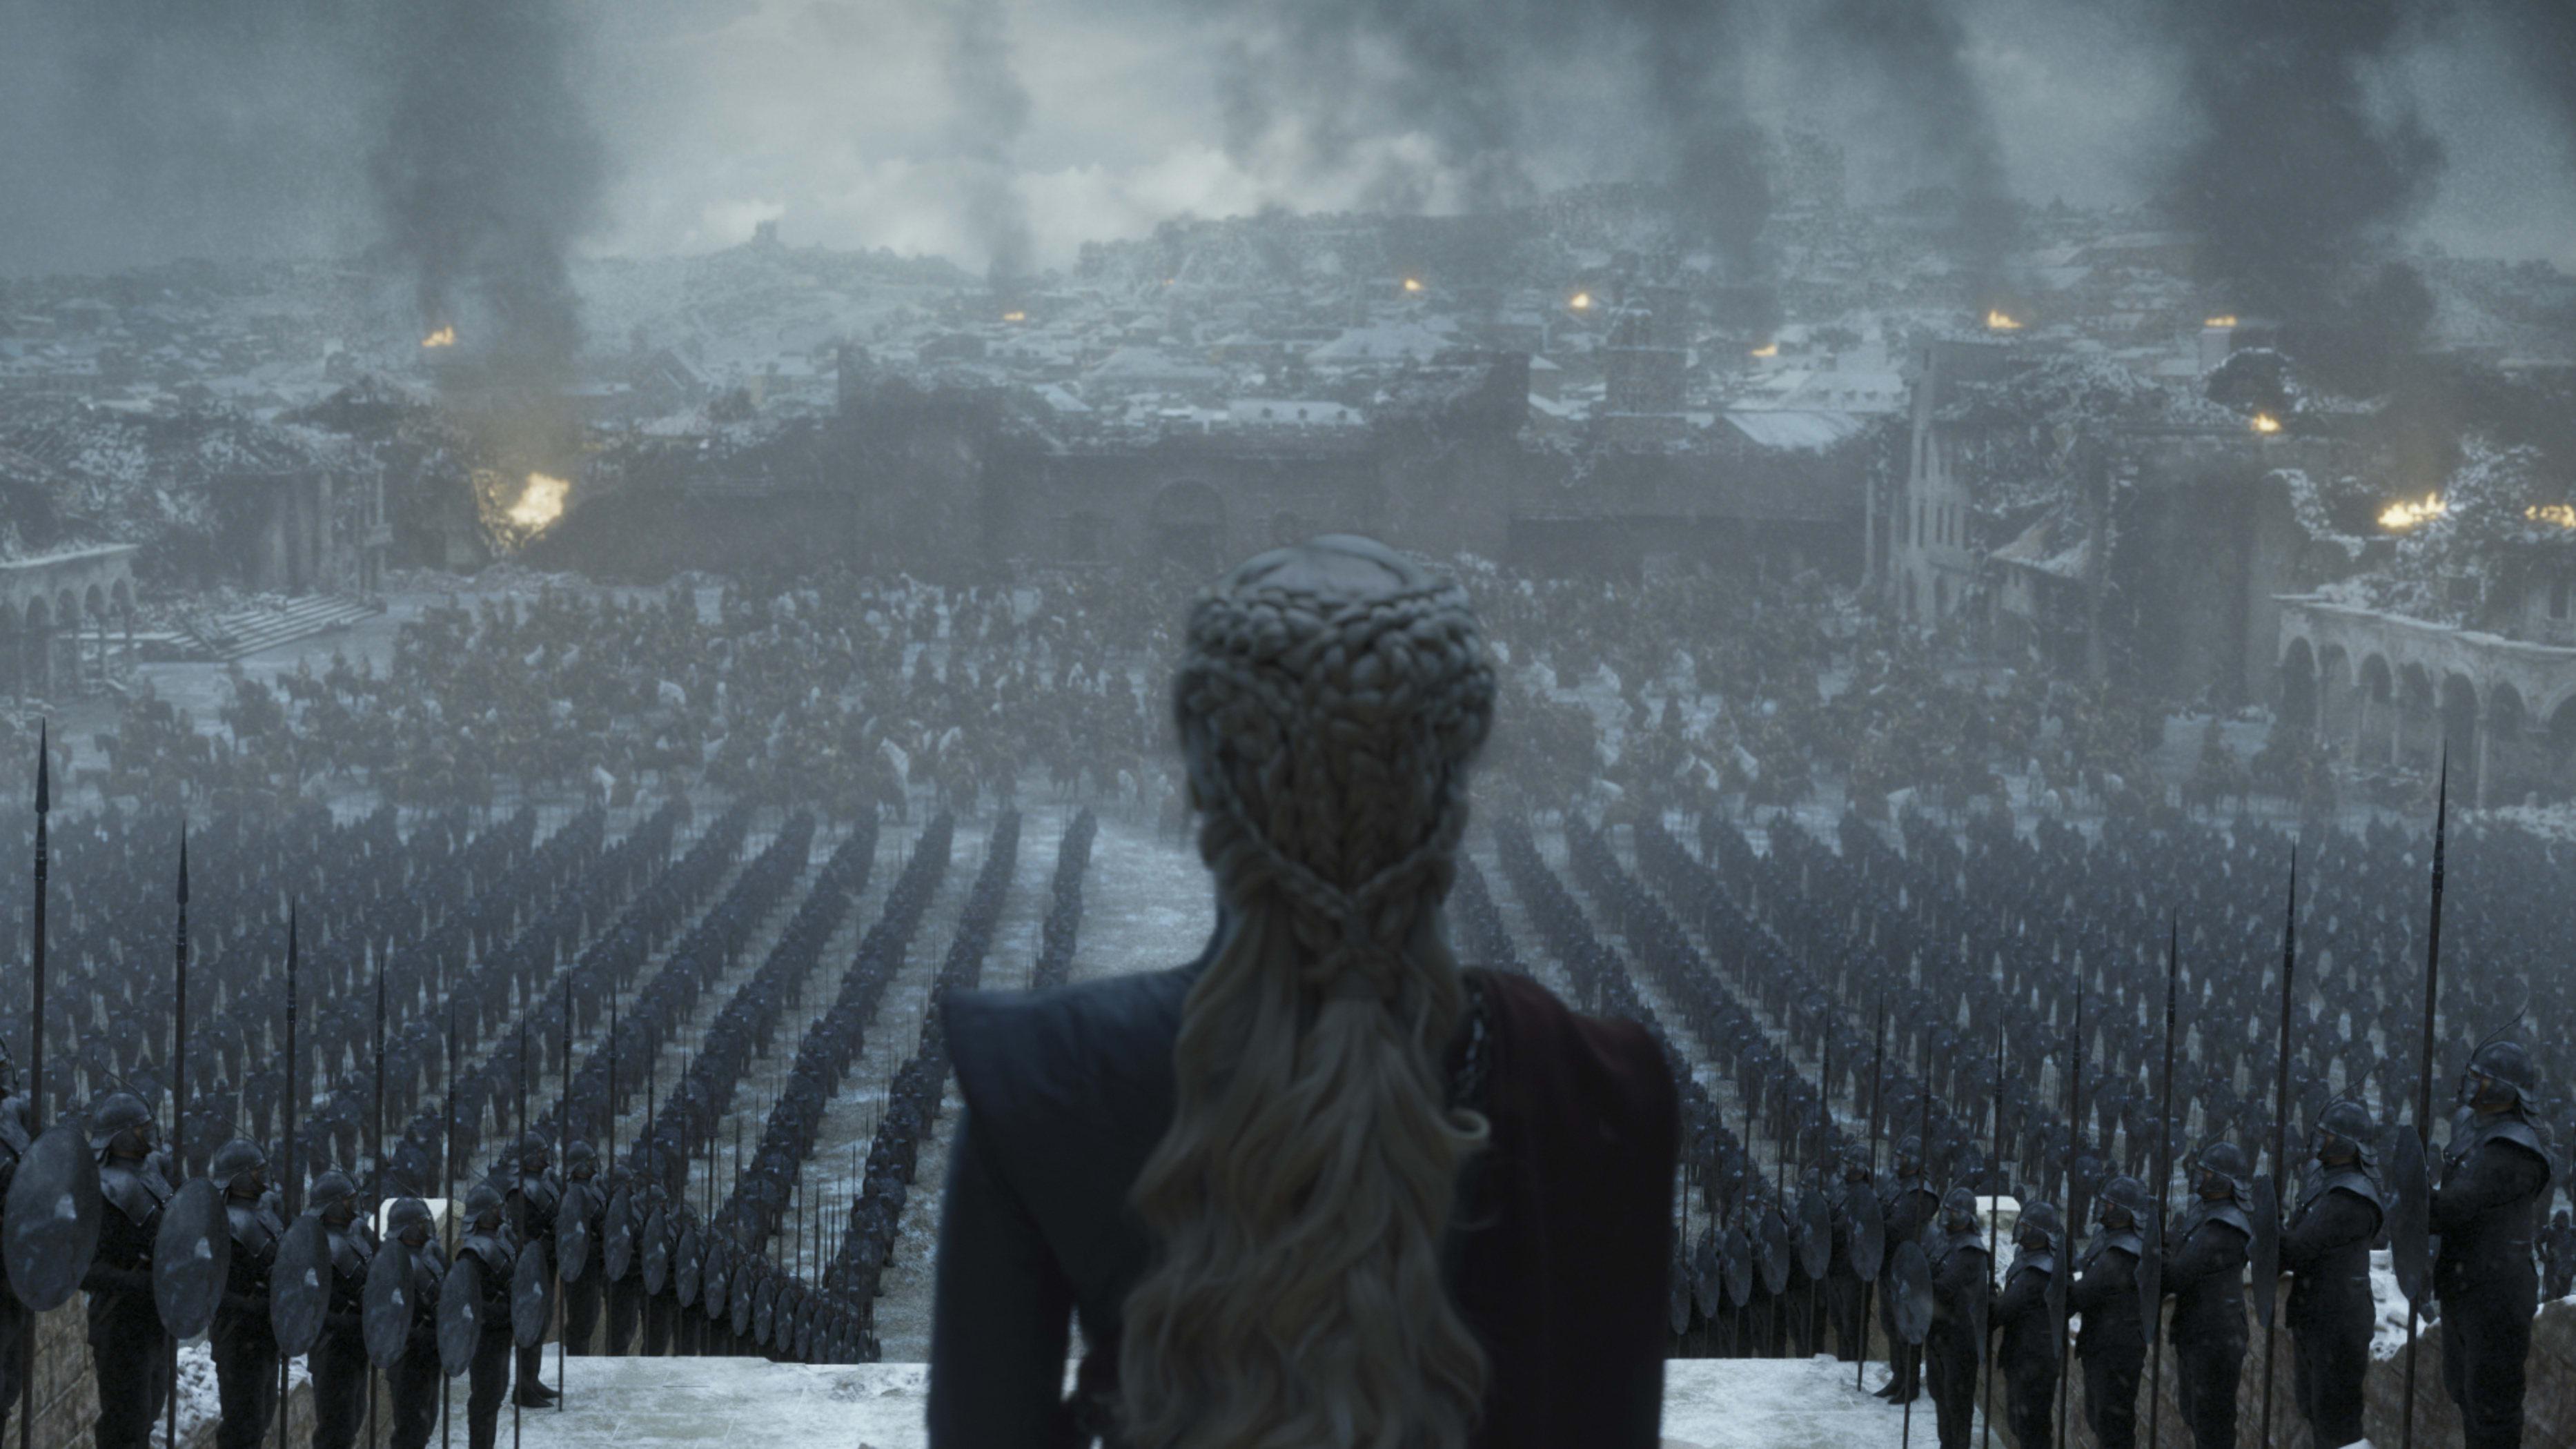 https://tv-fanatic-res.cloudinary.com/iu/s--m0Kqeqv1--/f_auto,q_auto/v1557947154/all-hail-the-queen-game-of-thrones-s8e6